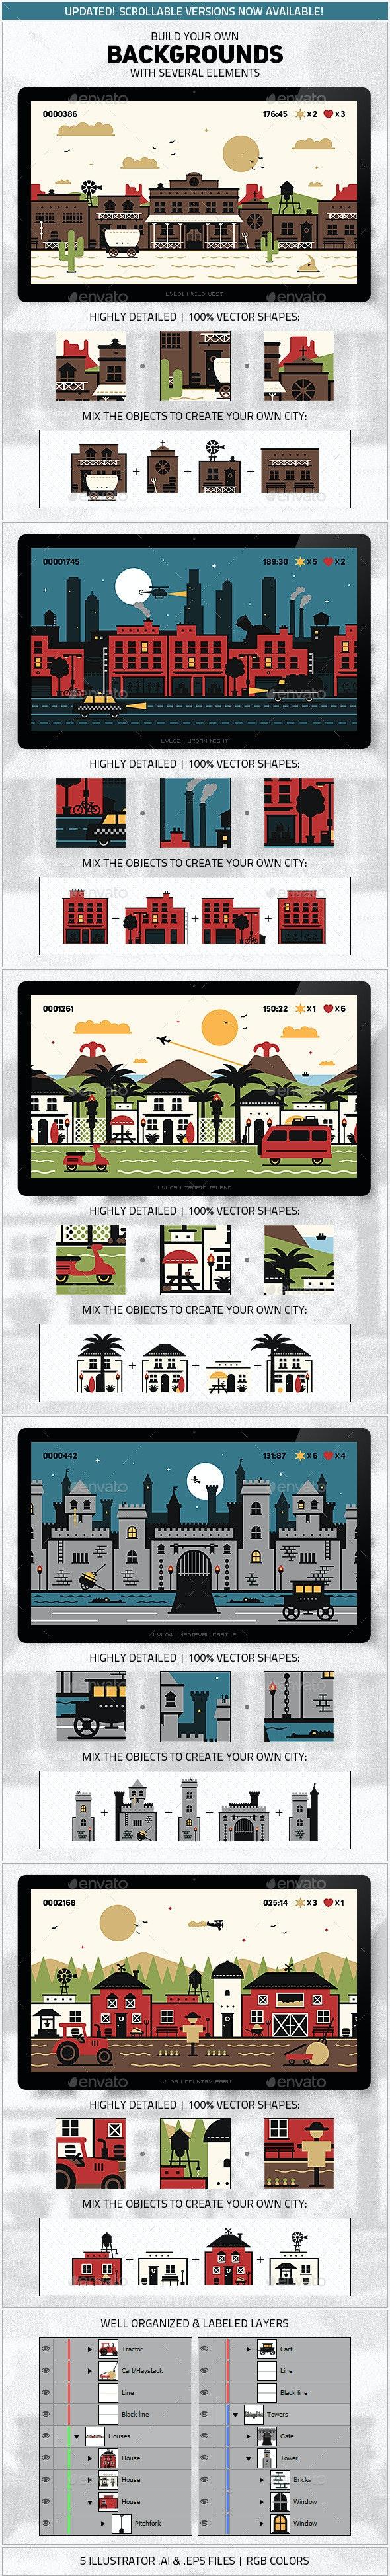 Background Builder Kit - Backgrounds Game Assets